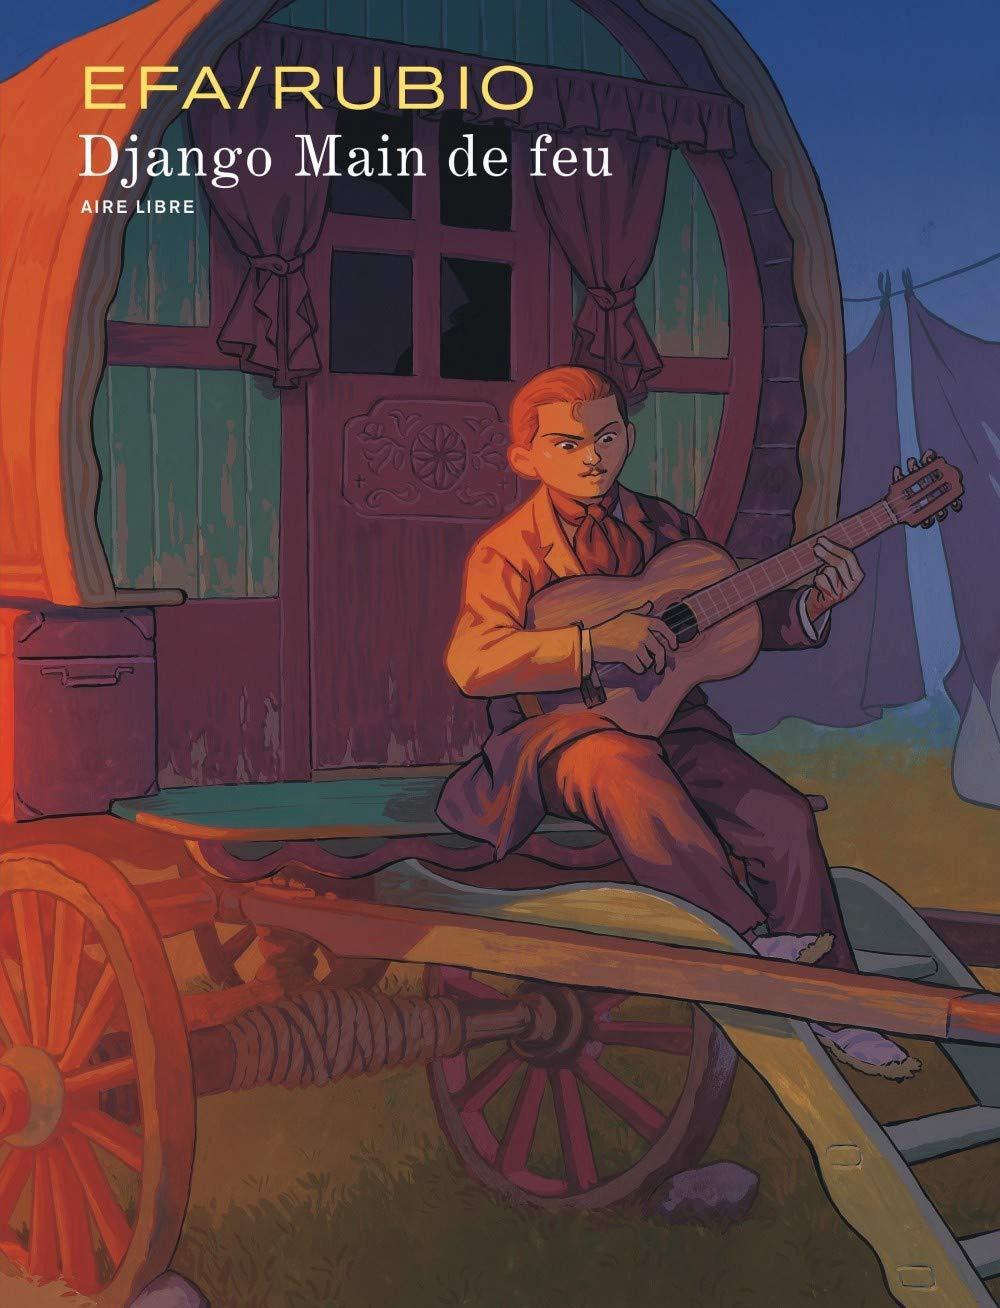 La balade de Django (couvertures classique et spéciale, pages 7 - 8 ; Dupuis 2020)